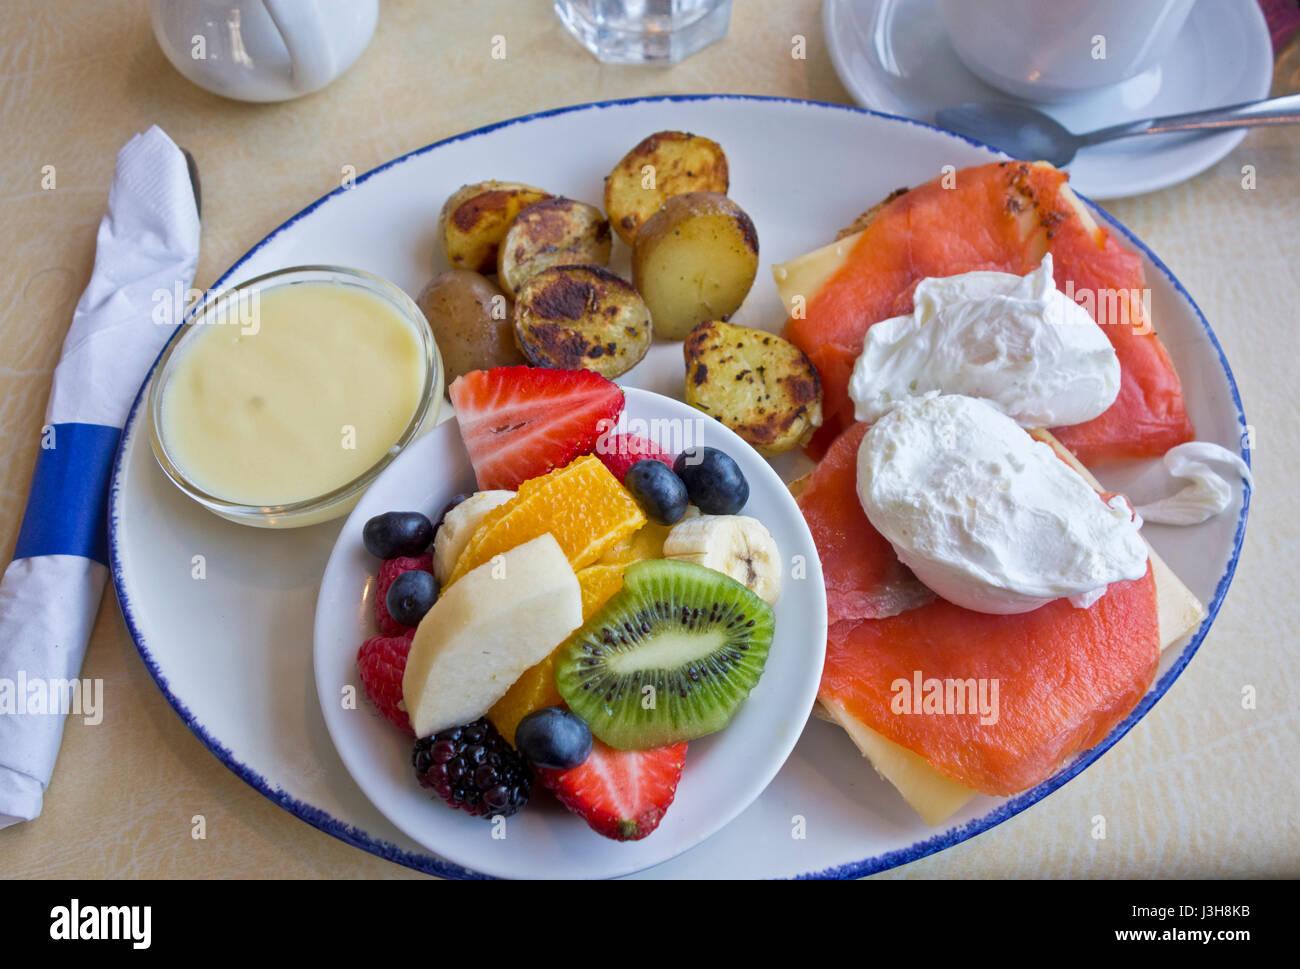 Lecker geräucherten Lachs Eier Benedikt mit Obst und Kartoffeln. Frühstück in der Angelina's Stockbild